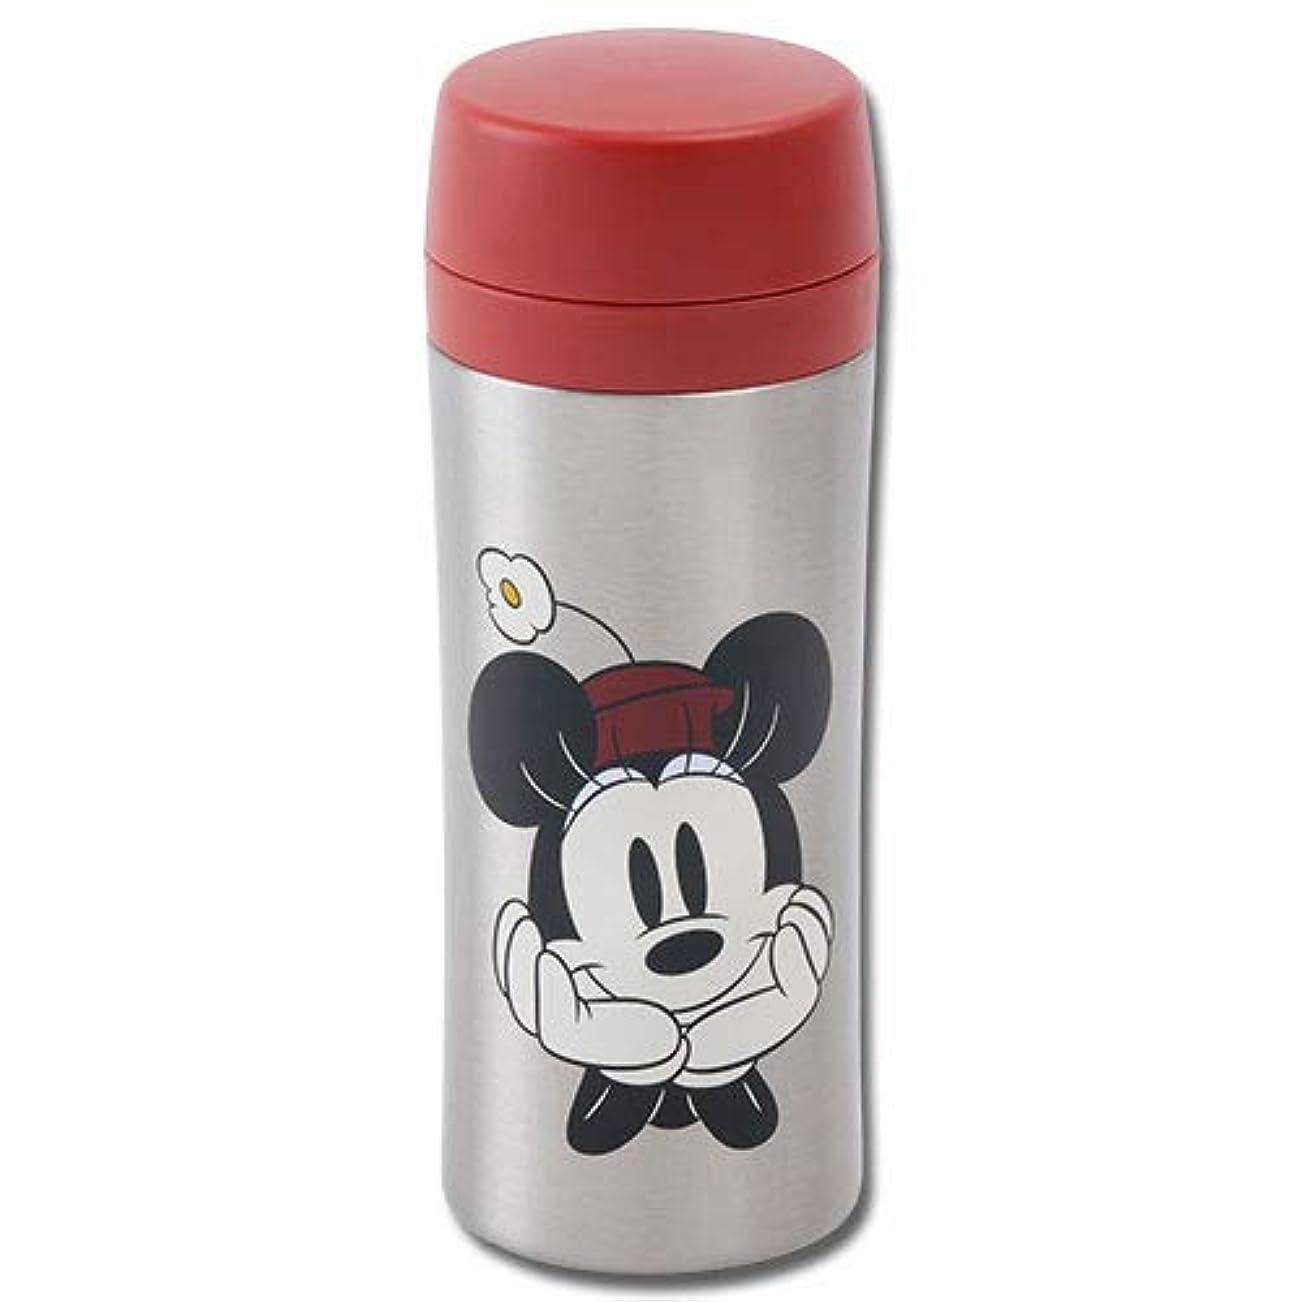 防止証明回路ミニーマウス ステンレスボトル 水筒 ディズニー グッズ お土産【東京ディズニーリゾート限定】